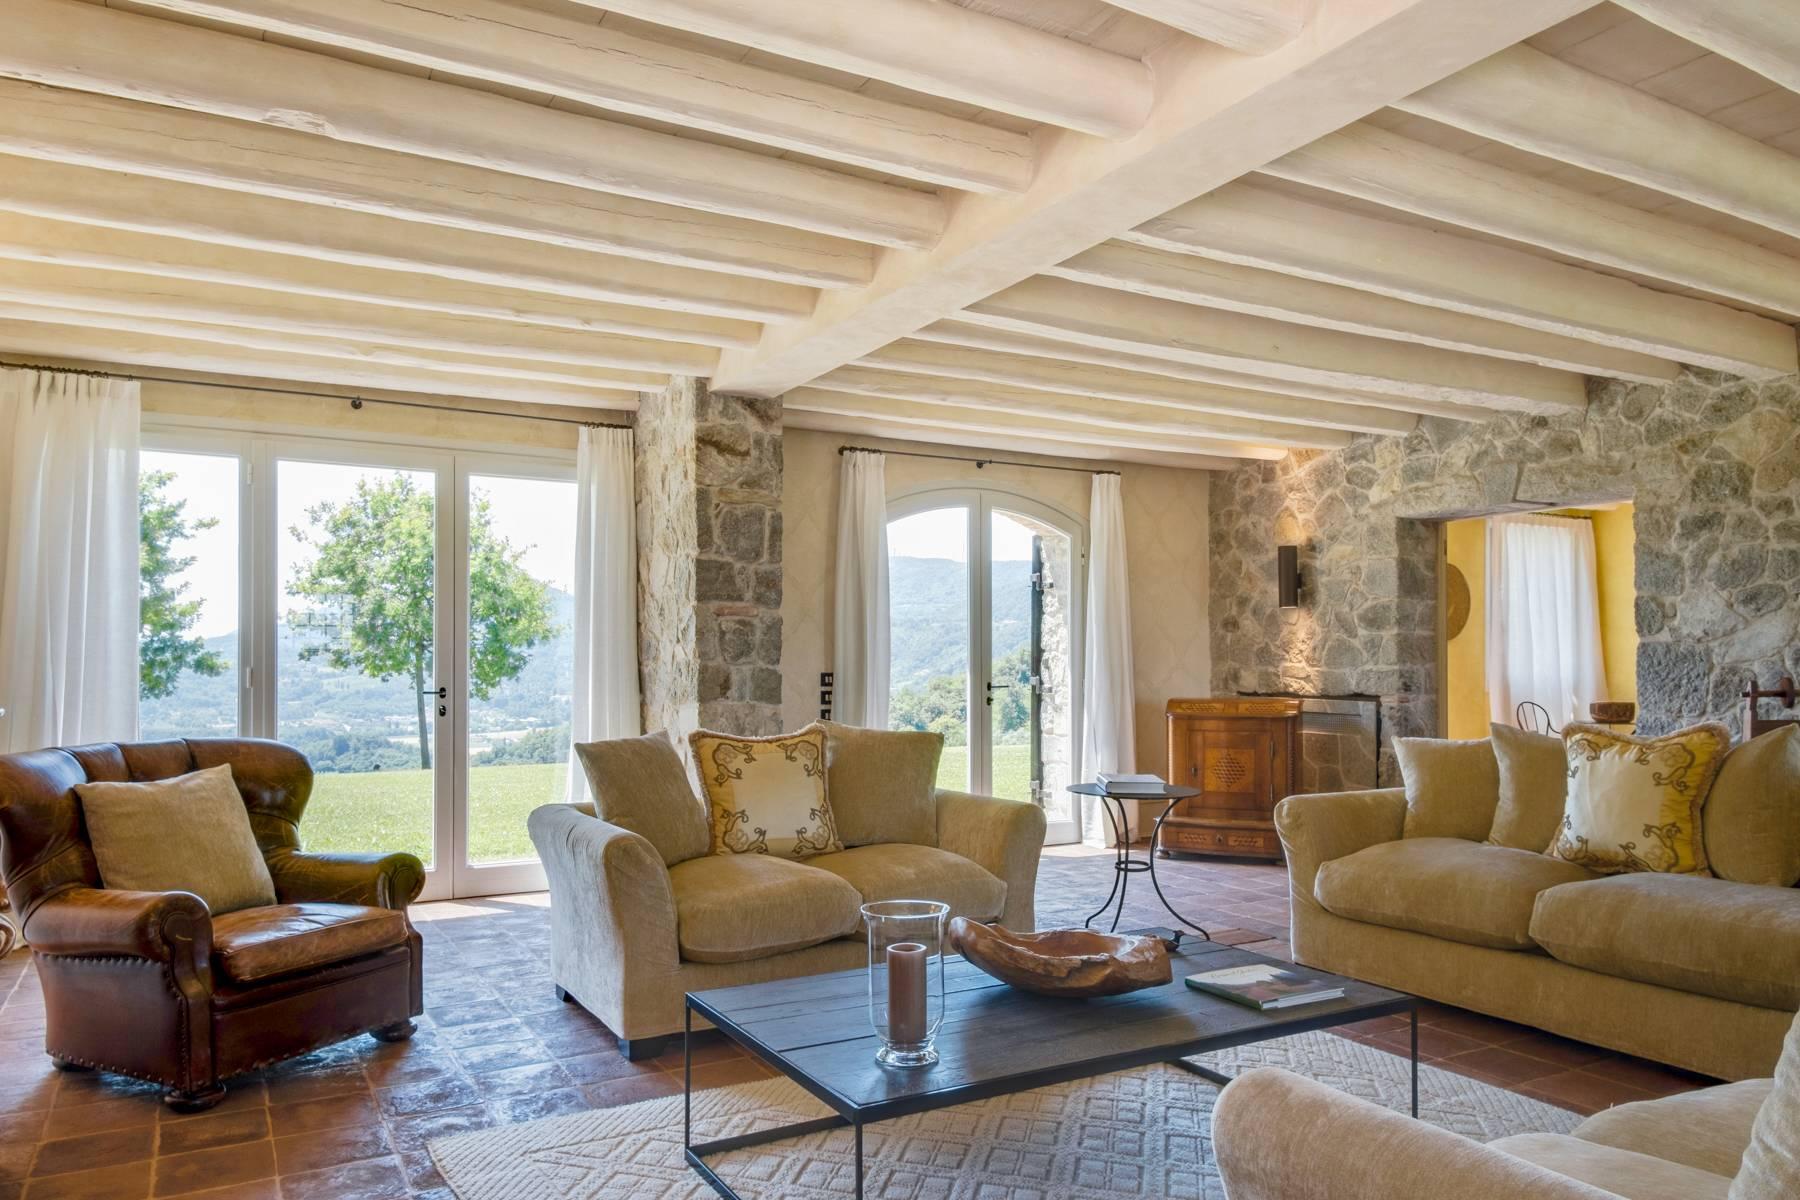 Fabelhaft renoviertes Bauernhaus auf den Hügeln mit Schwimmbad und landwirtschaftlichem Anwesen mit Weinbergen - 5